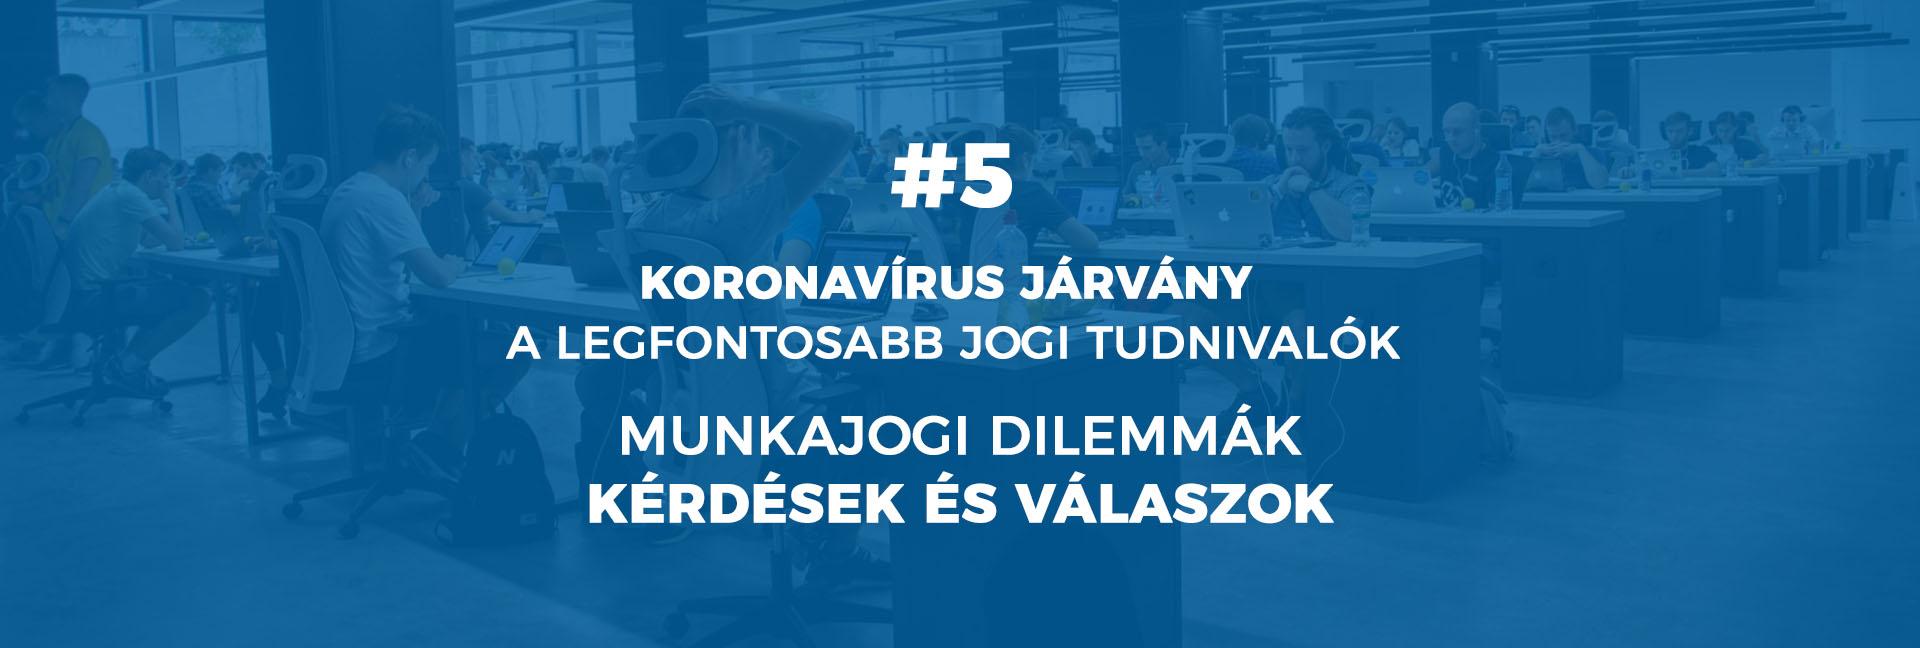 #5 Koronavírus járvány – Munkajogi dilemmák – kérdések és válaszok